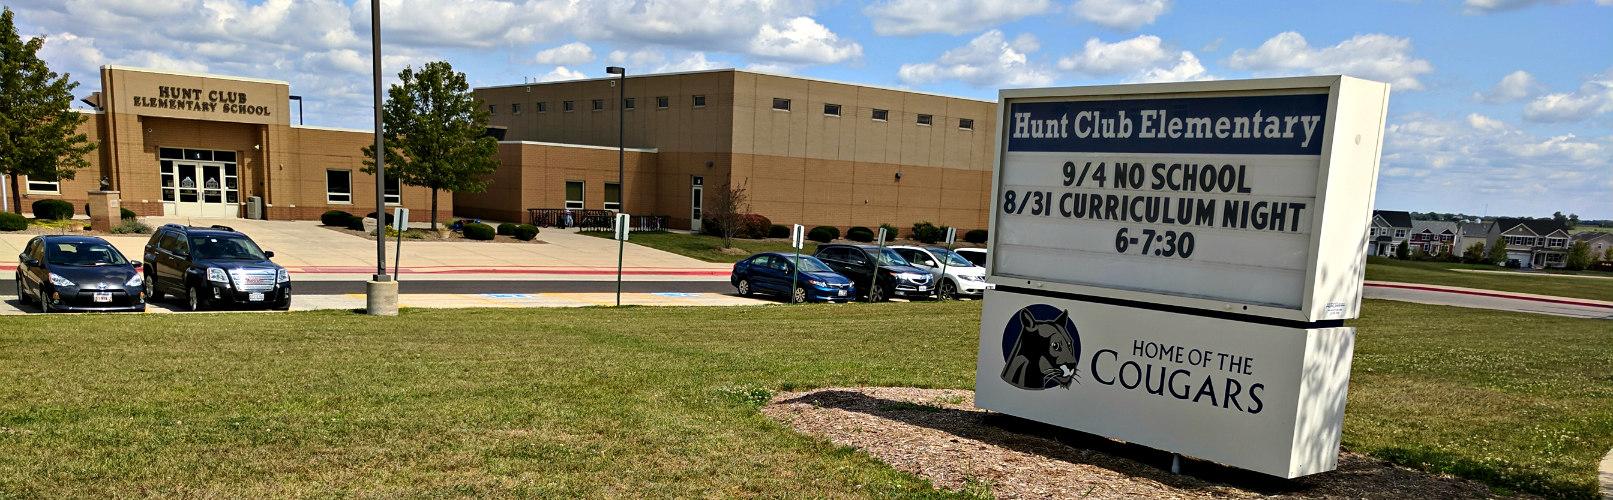 Hunt Club Elementary School